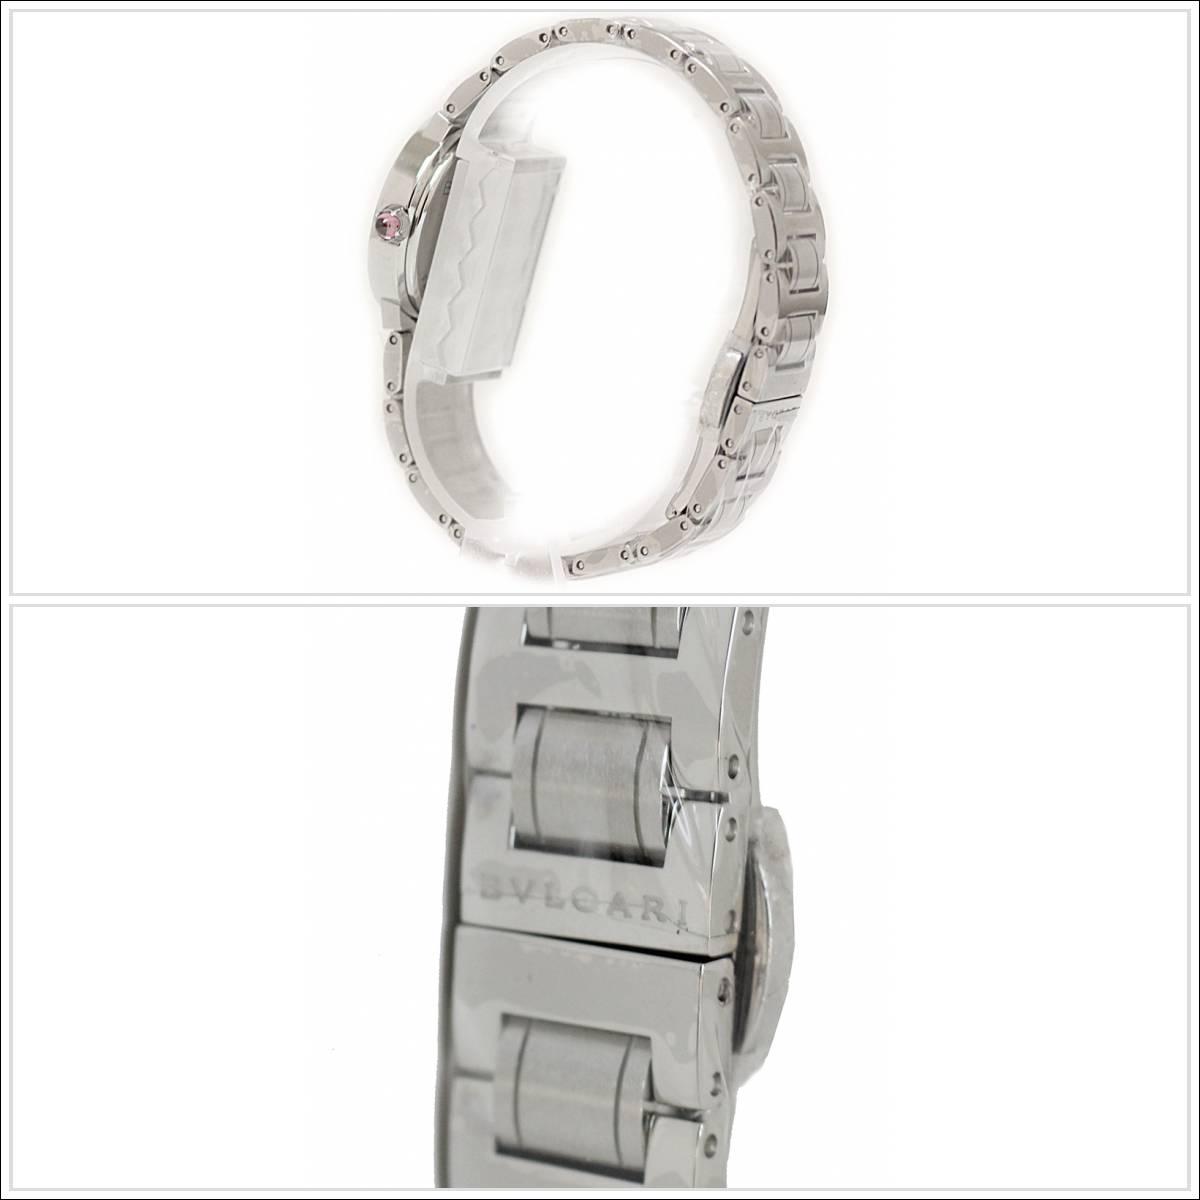 b8627ef415b6 ホワイト ブルガリ 腕時計 ブルガリブルガリ ダイヤ シェル BBL26WSS /12 レディース 12P 【新品・未使用品】